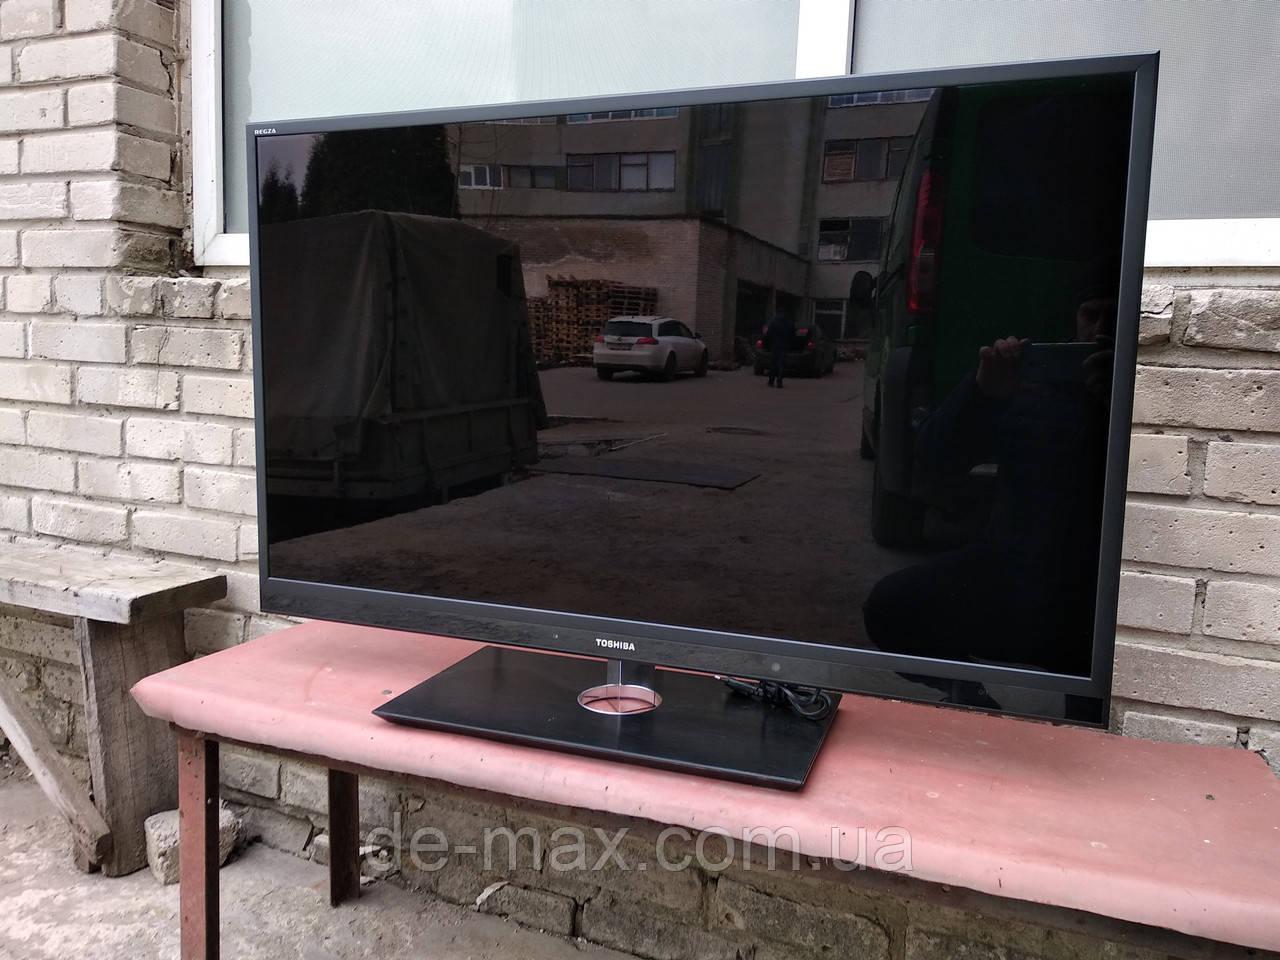 Телевизор 46 дюймов Тошиба Toshiba 46WL863 DVB-T2 Smart TV 3D Full HD